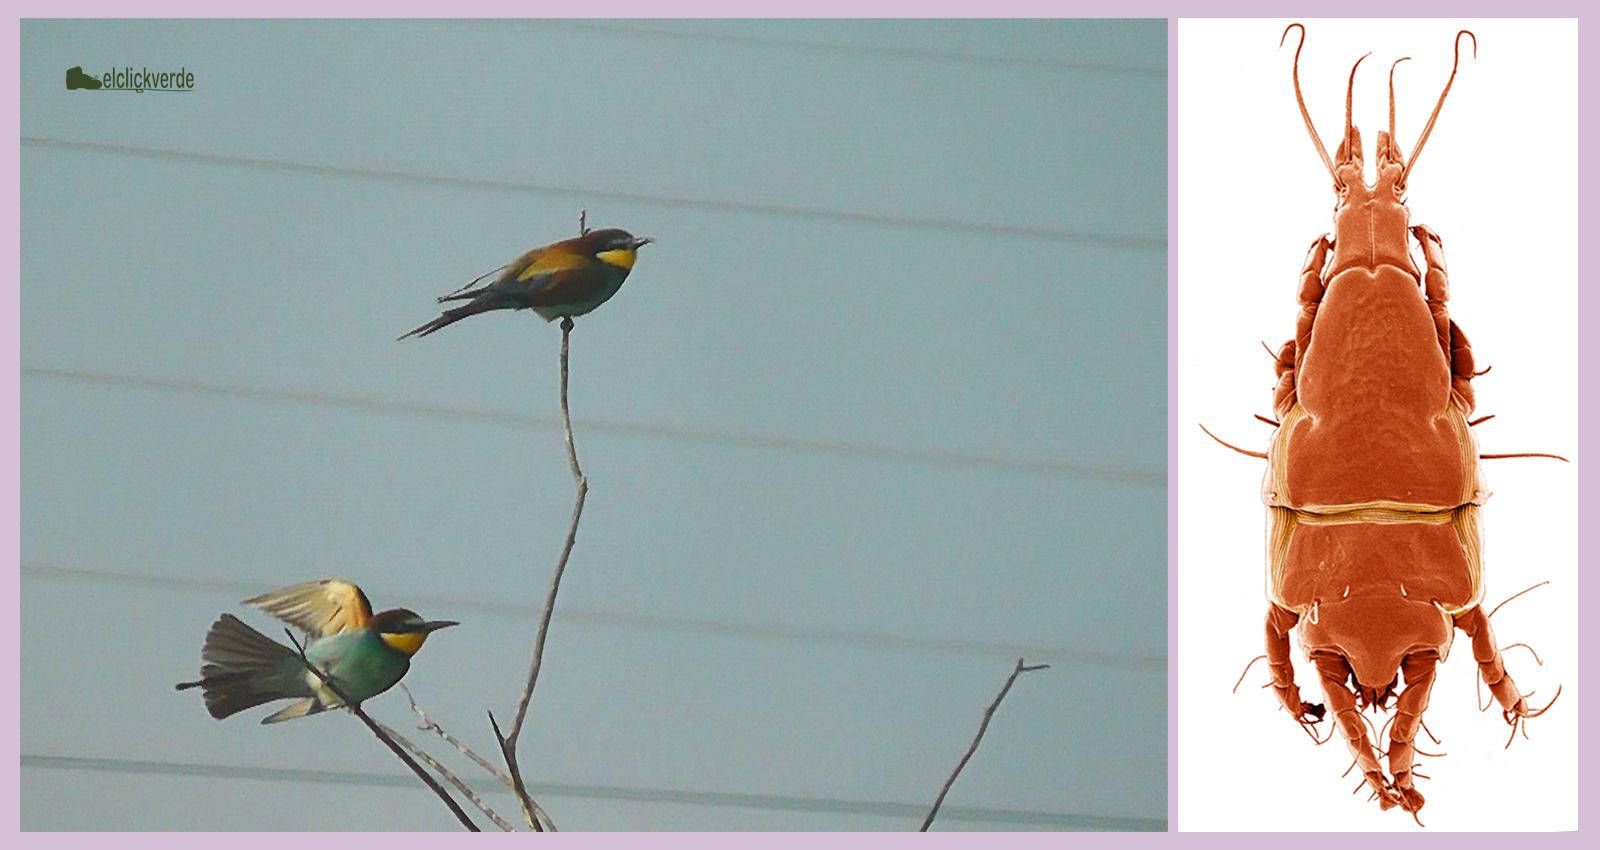 A la izquierda, un par de abejarucos. A la derecha, ácaro de la especie 'Trouessartia bifurcata', una de las utilizadas en el estudio. Imagen del ácaro: Heather C. Proctor / CSIC